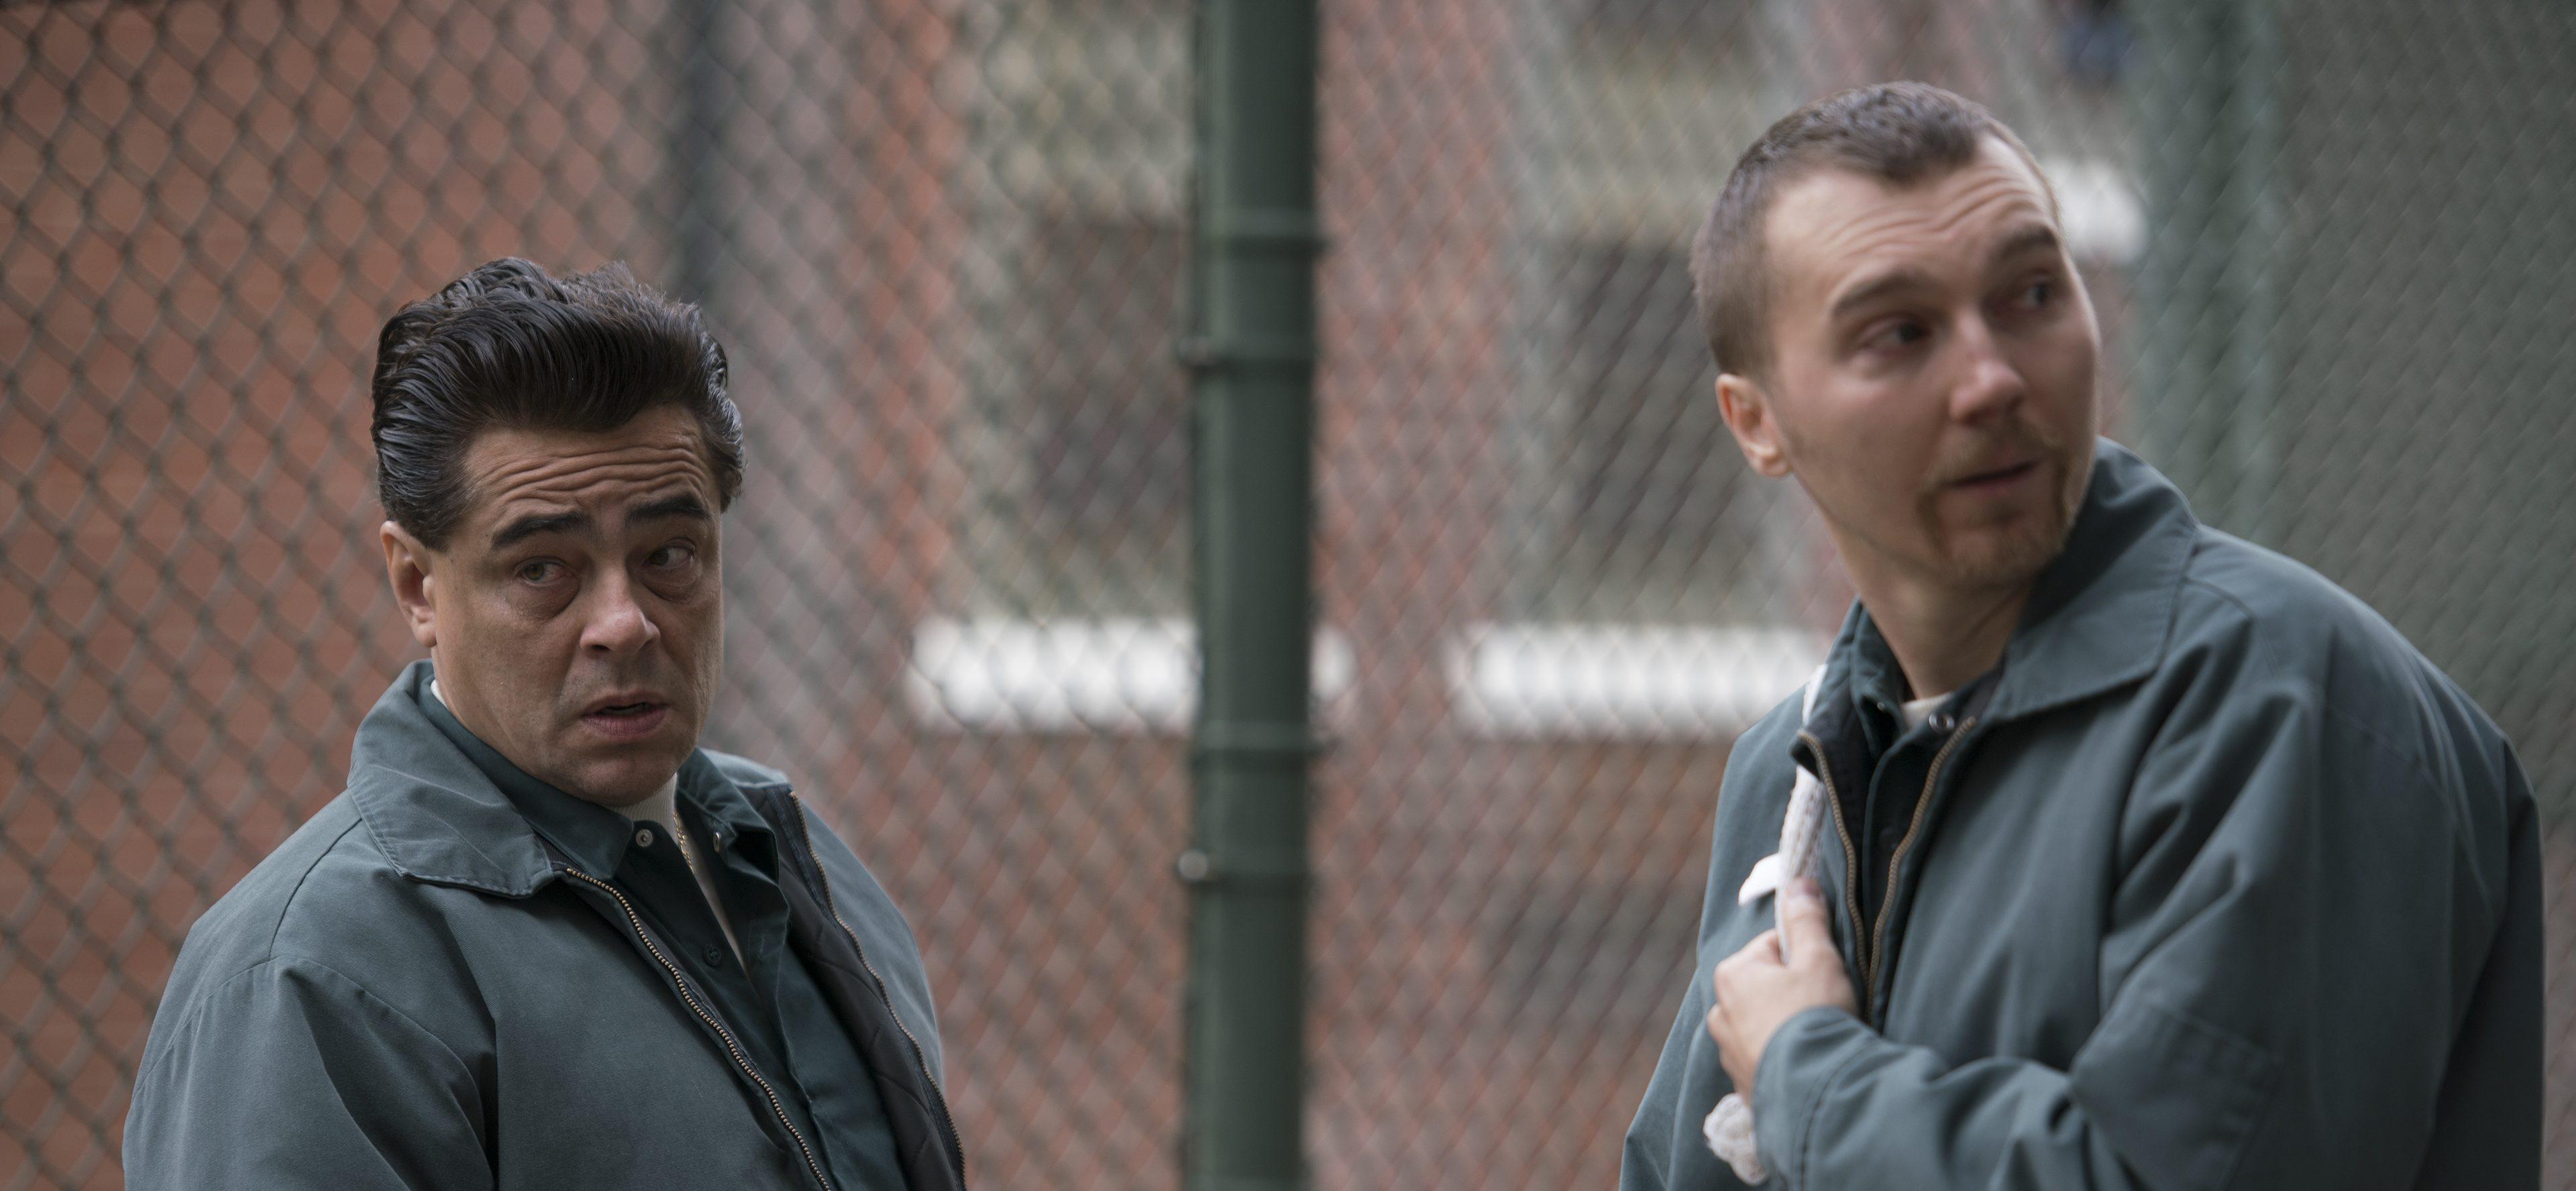 TRAILER: Benicio del Toro Stars in 'Escape from Dannemorra,' Based on Real-Life Prison Break